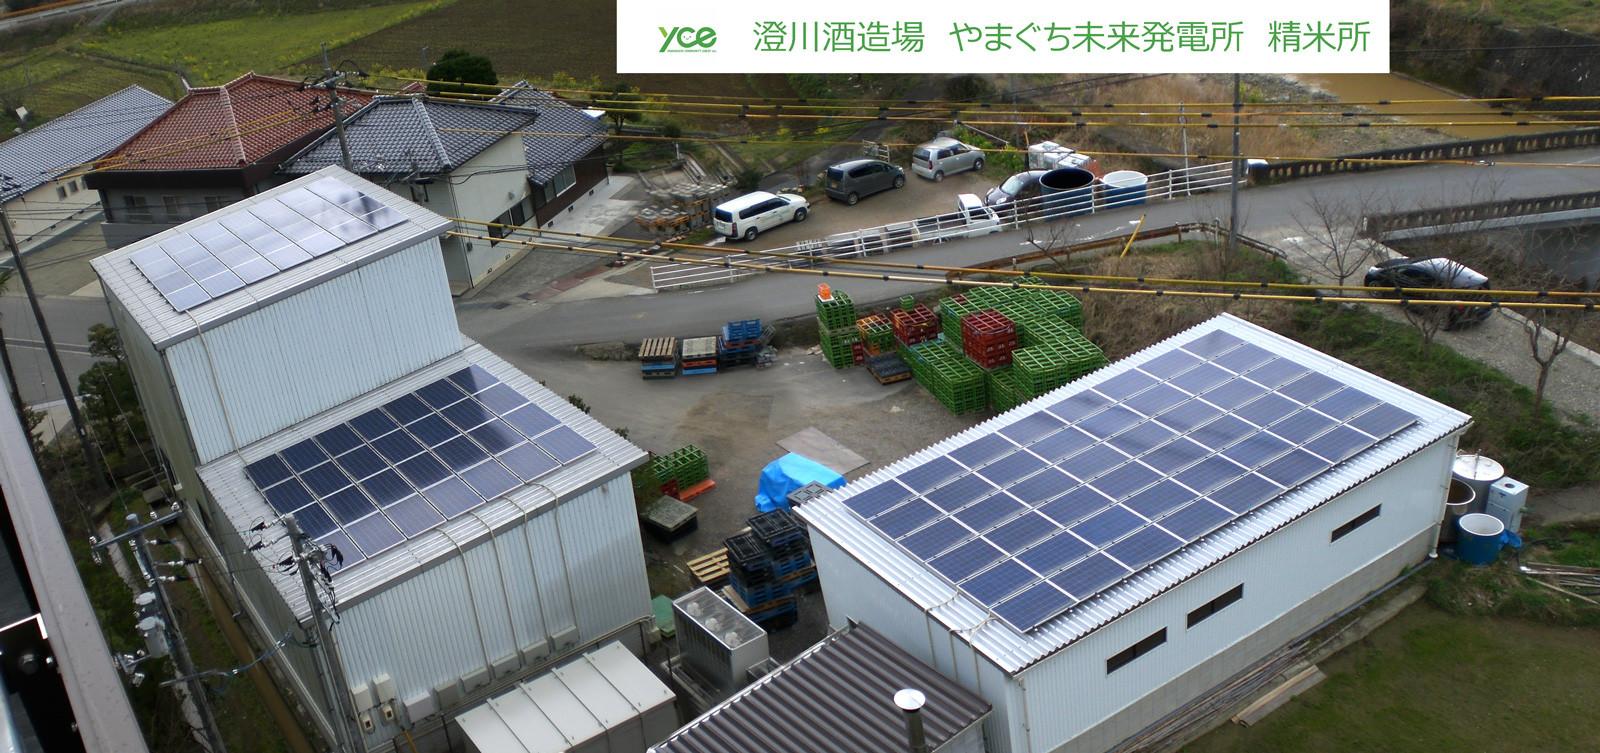 澄川酒造場 やまぐち未来発電所